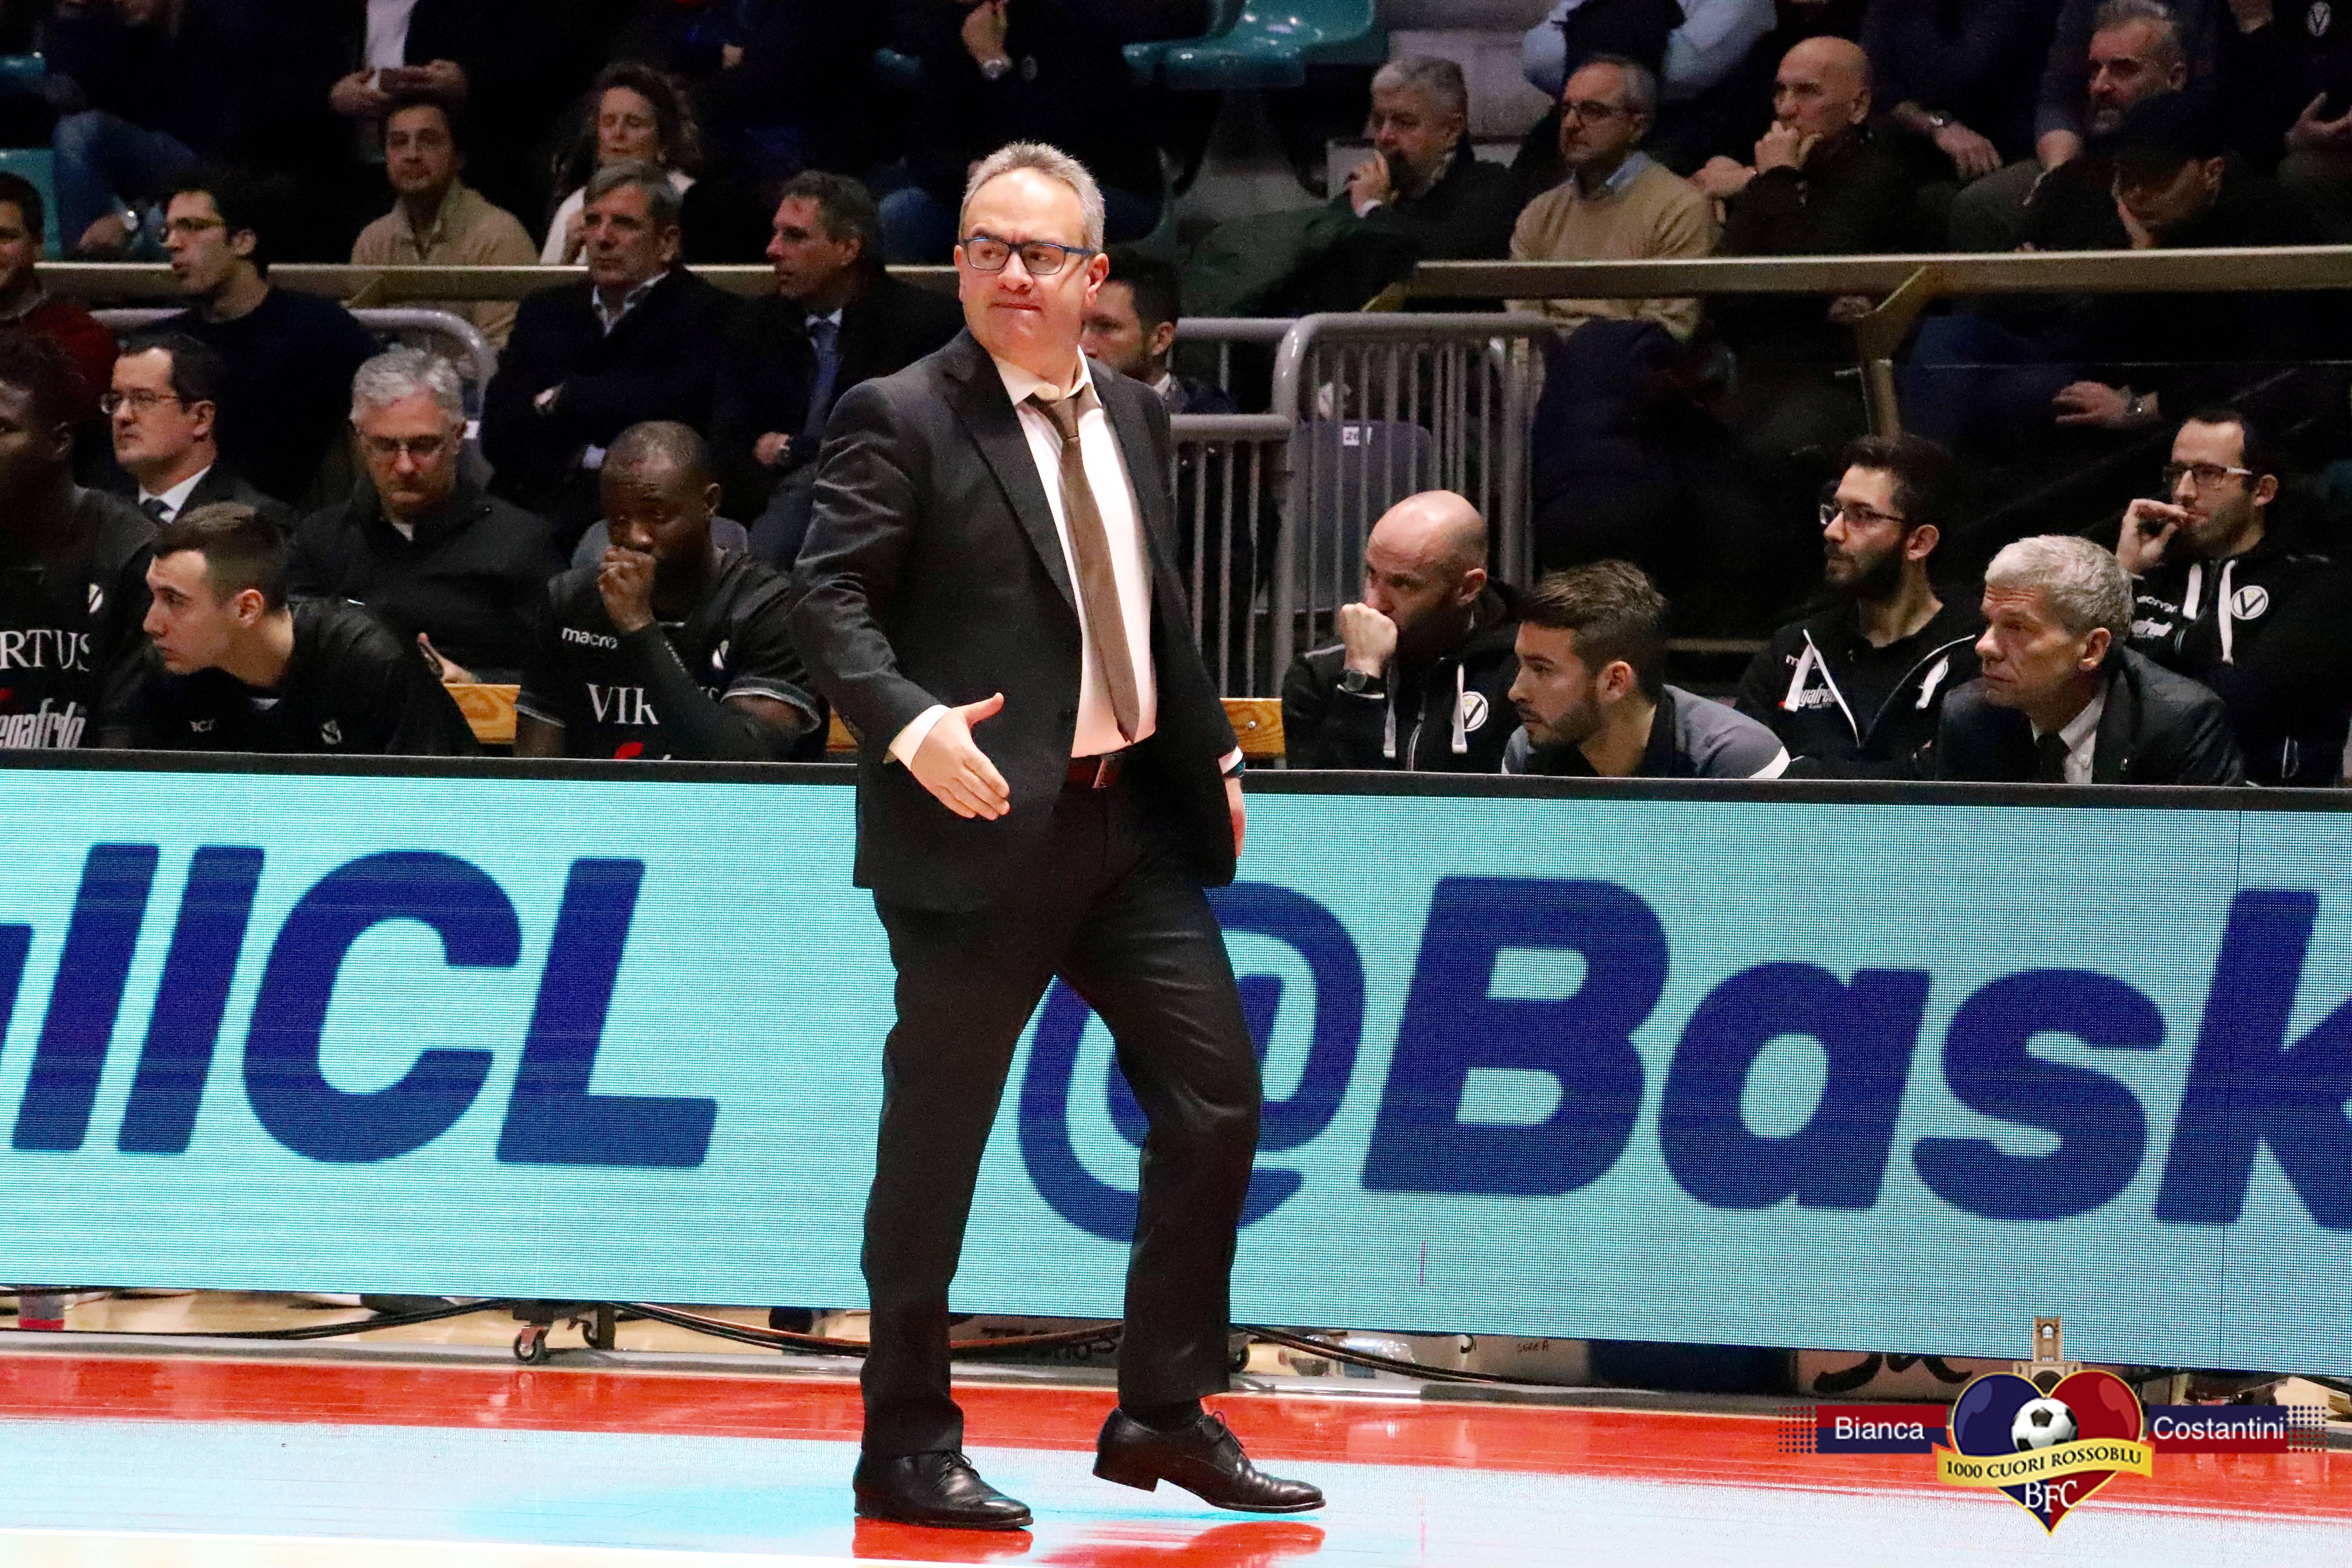 Le parole di coach Sacripanti alla vigilia della partita Virtus-Trieste